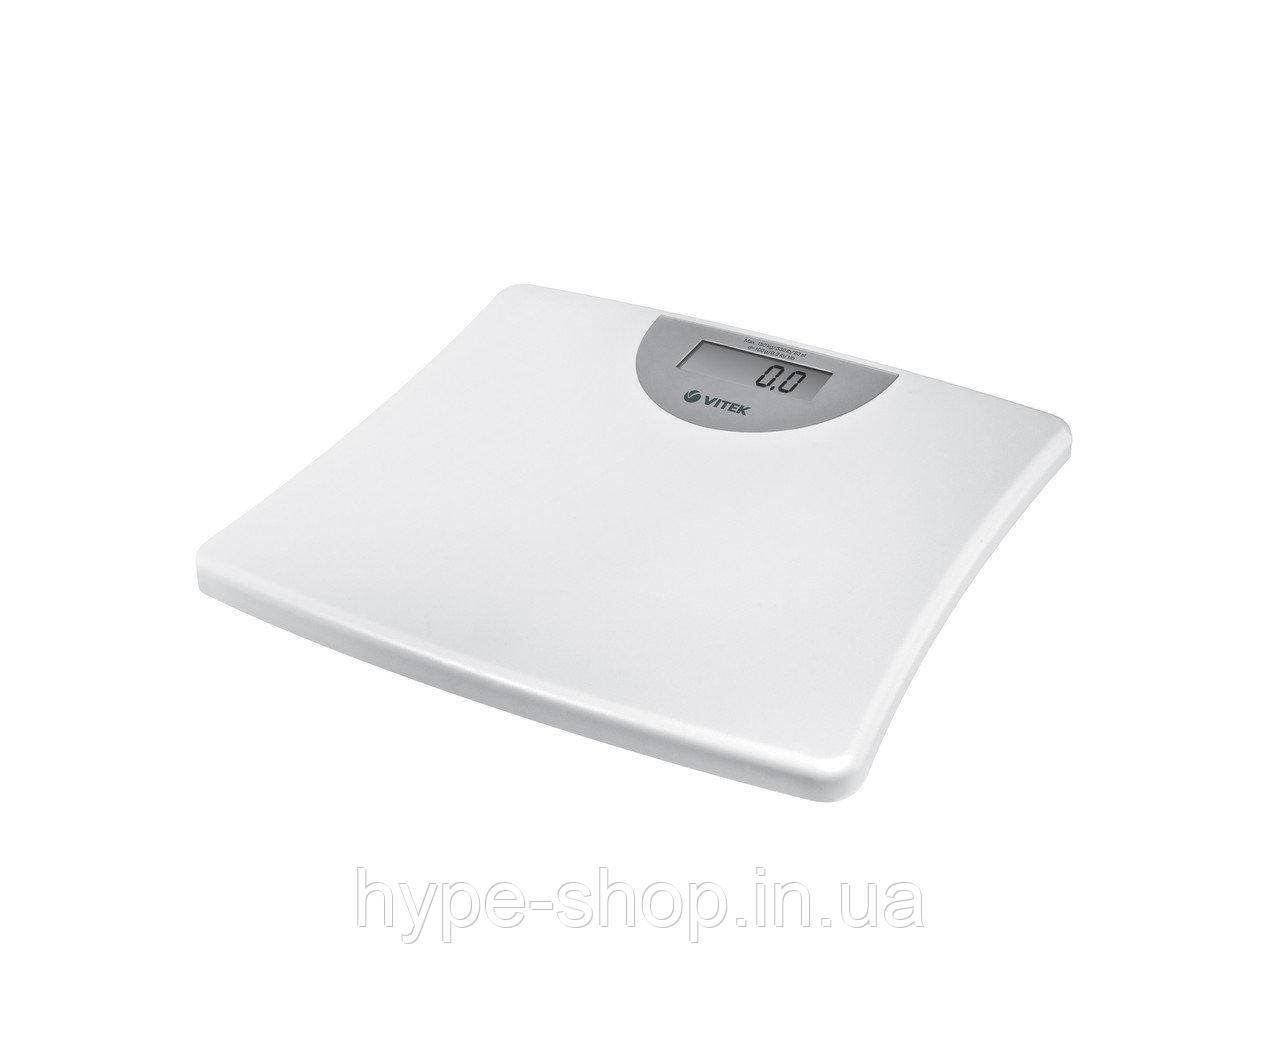 Весы напольные электронные VITEK VT-1974 150 kg